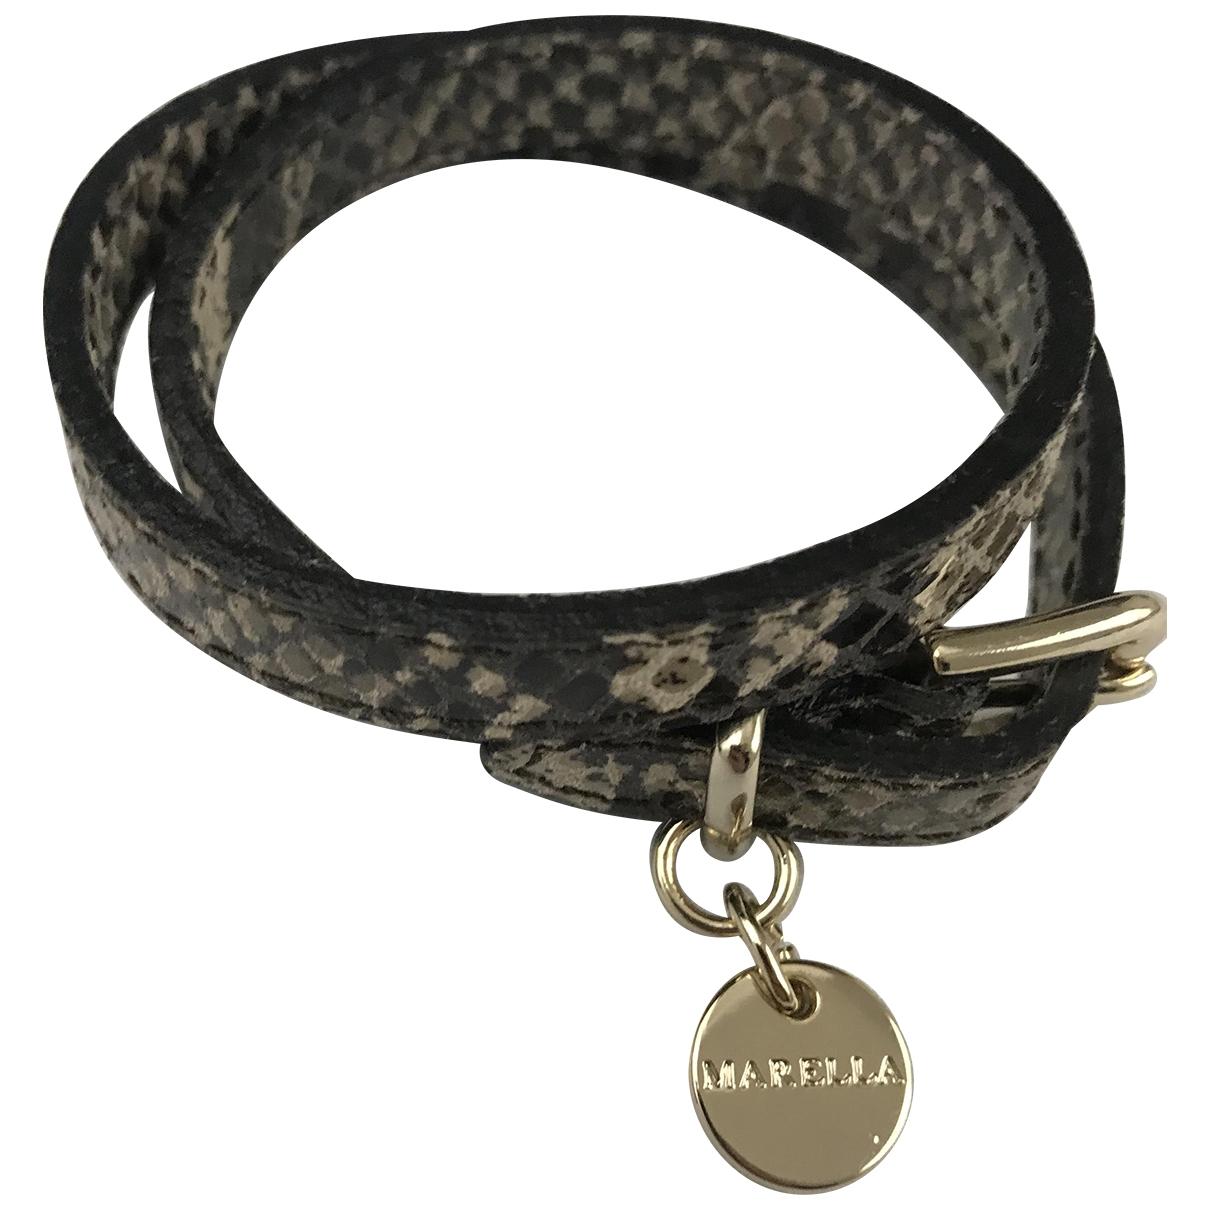 Marella - Bracelet   pour femme en cuir - noir